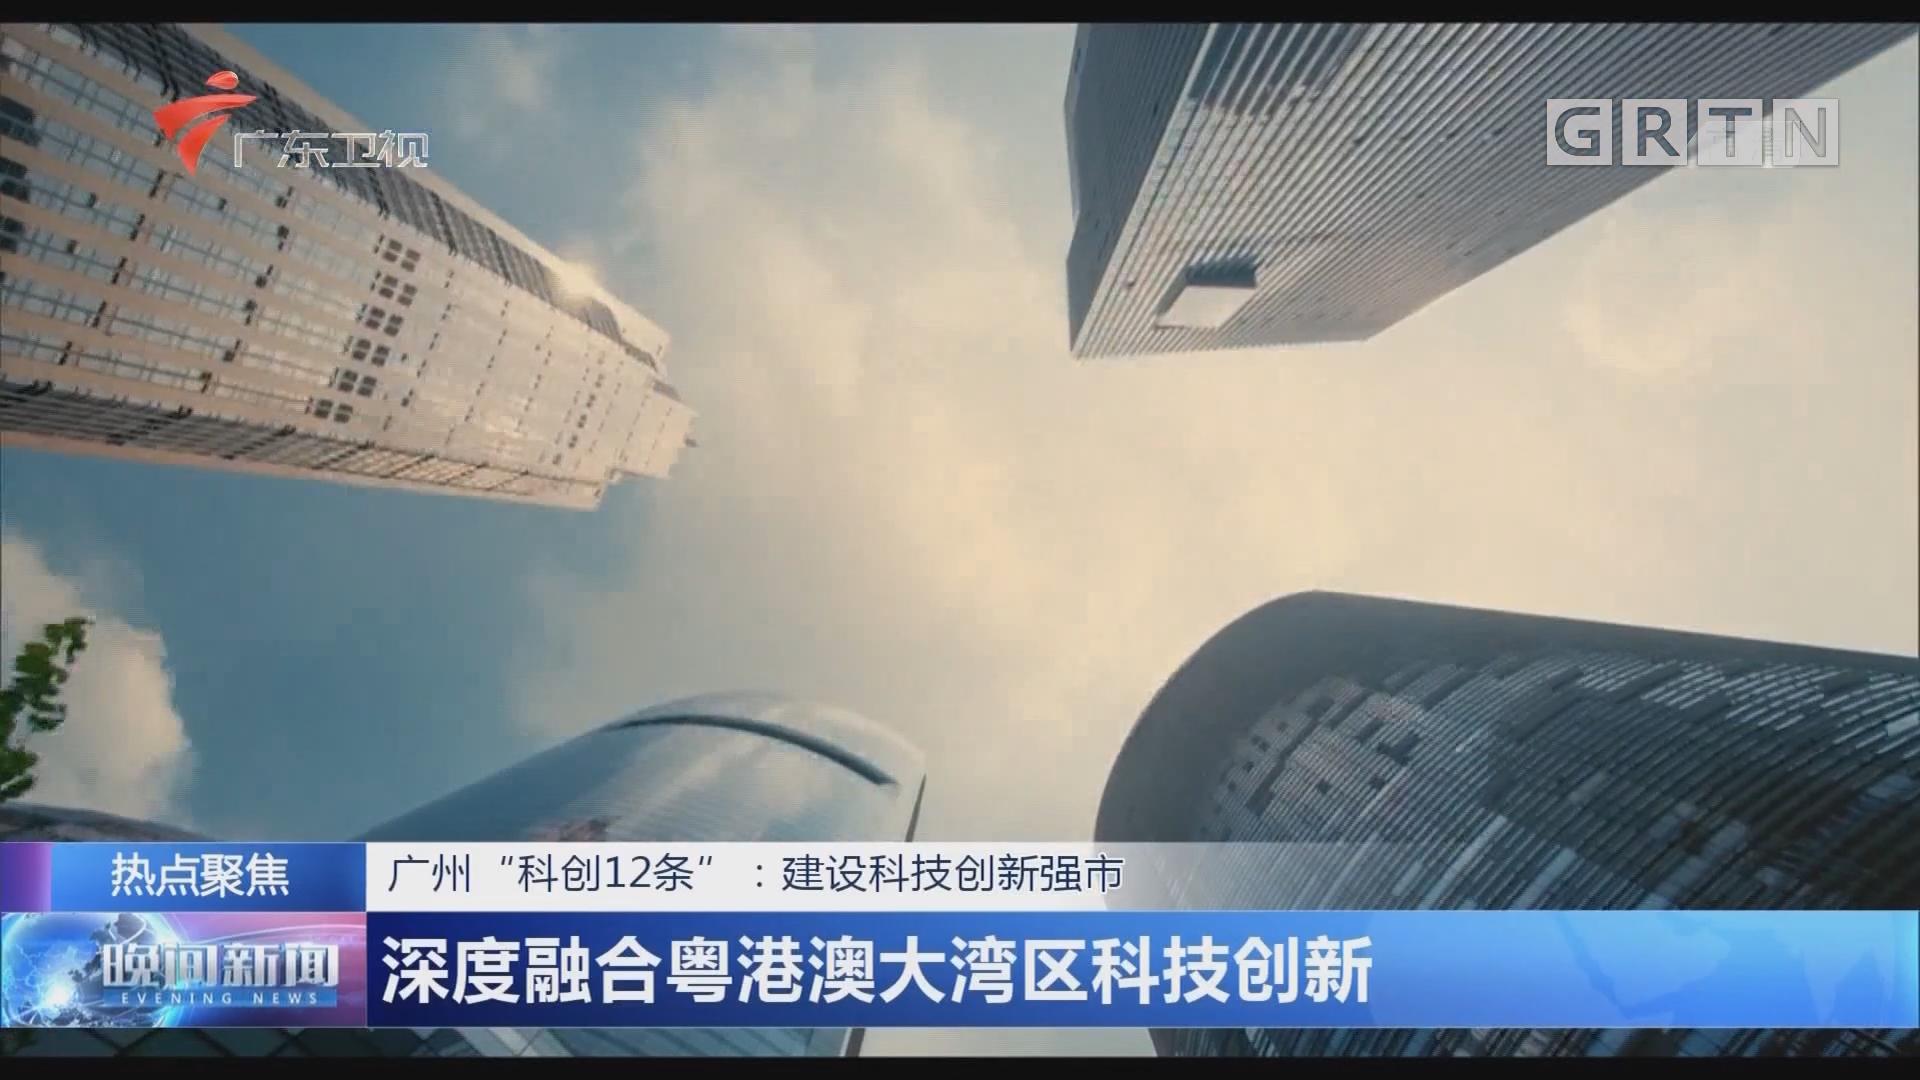 """广州""""科创12条"""":建设科技创新强市 深度融合粤港澳大湾区科技创新"""